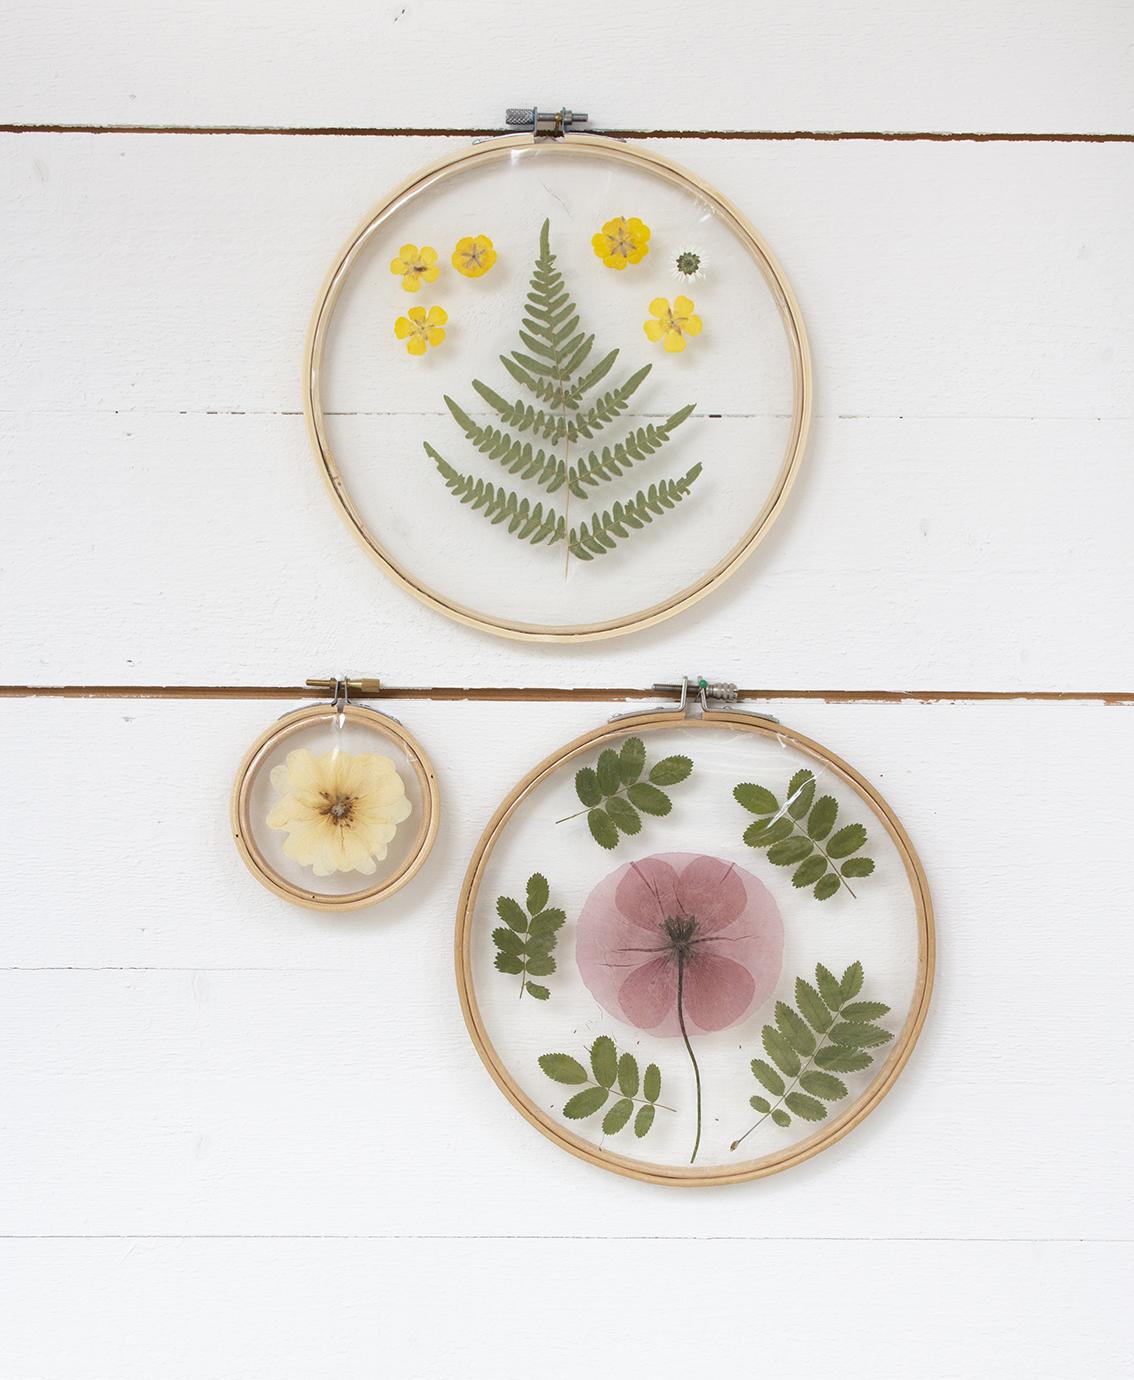 Konst av pressade blommor | Pysselbolaget